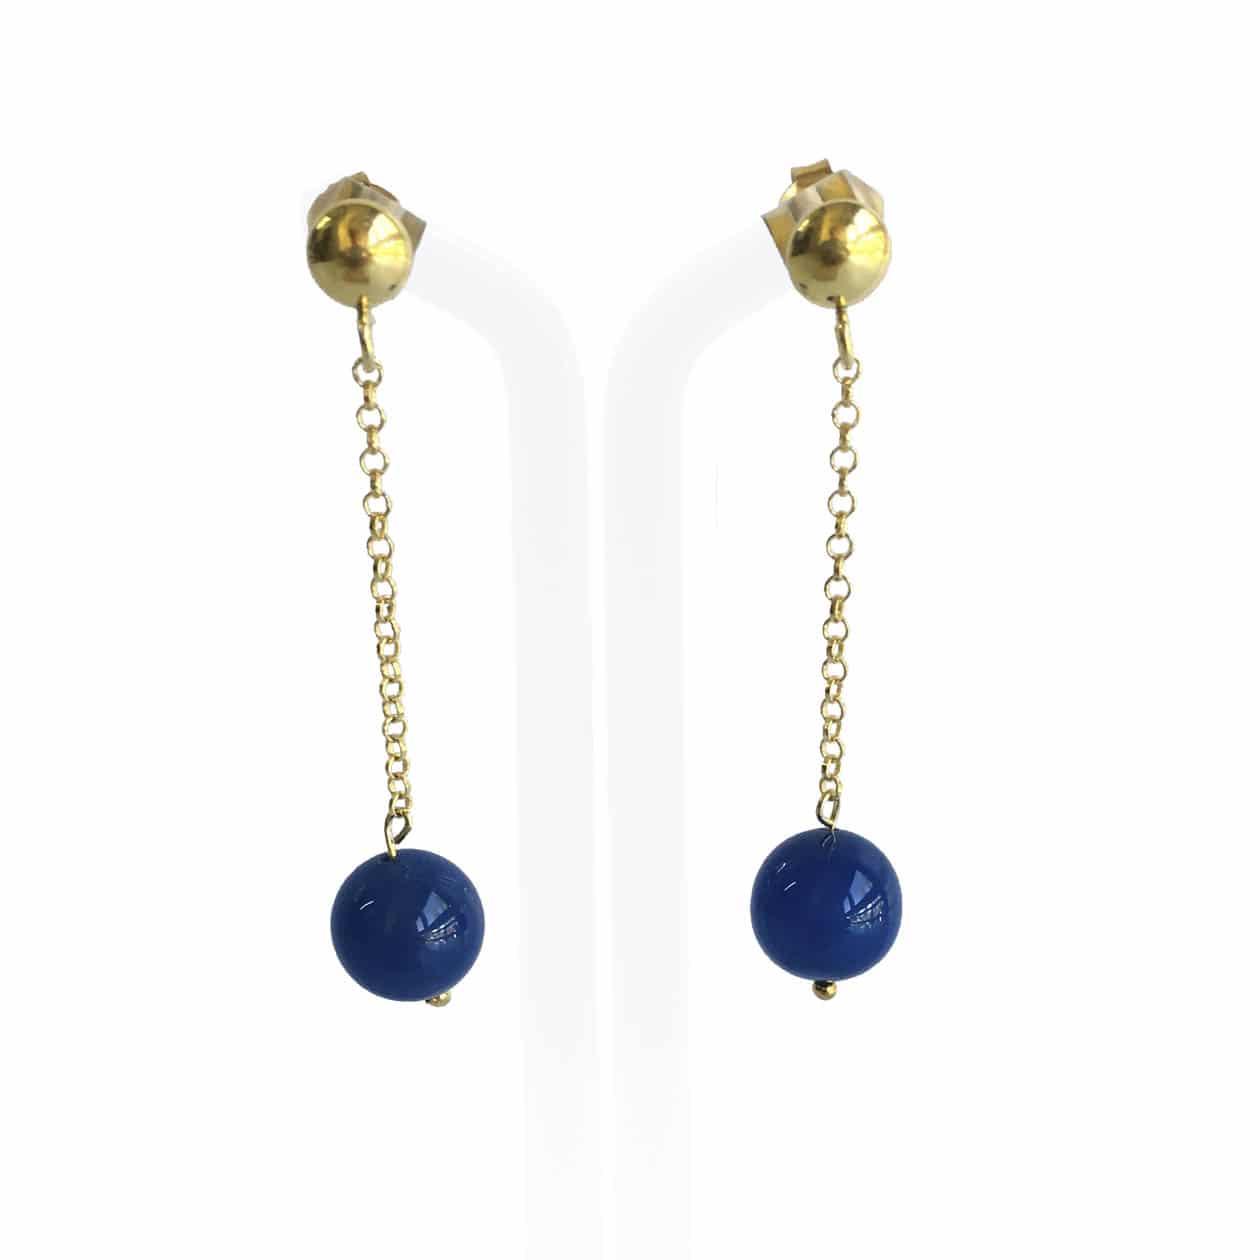 Pendientes de Agata azul y plata chapada en oro 18K, hechos a mano.  Pieza exclusiva.